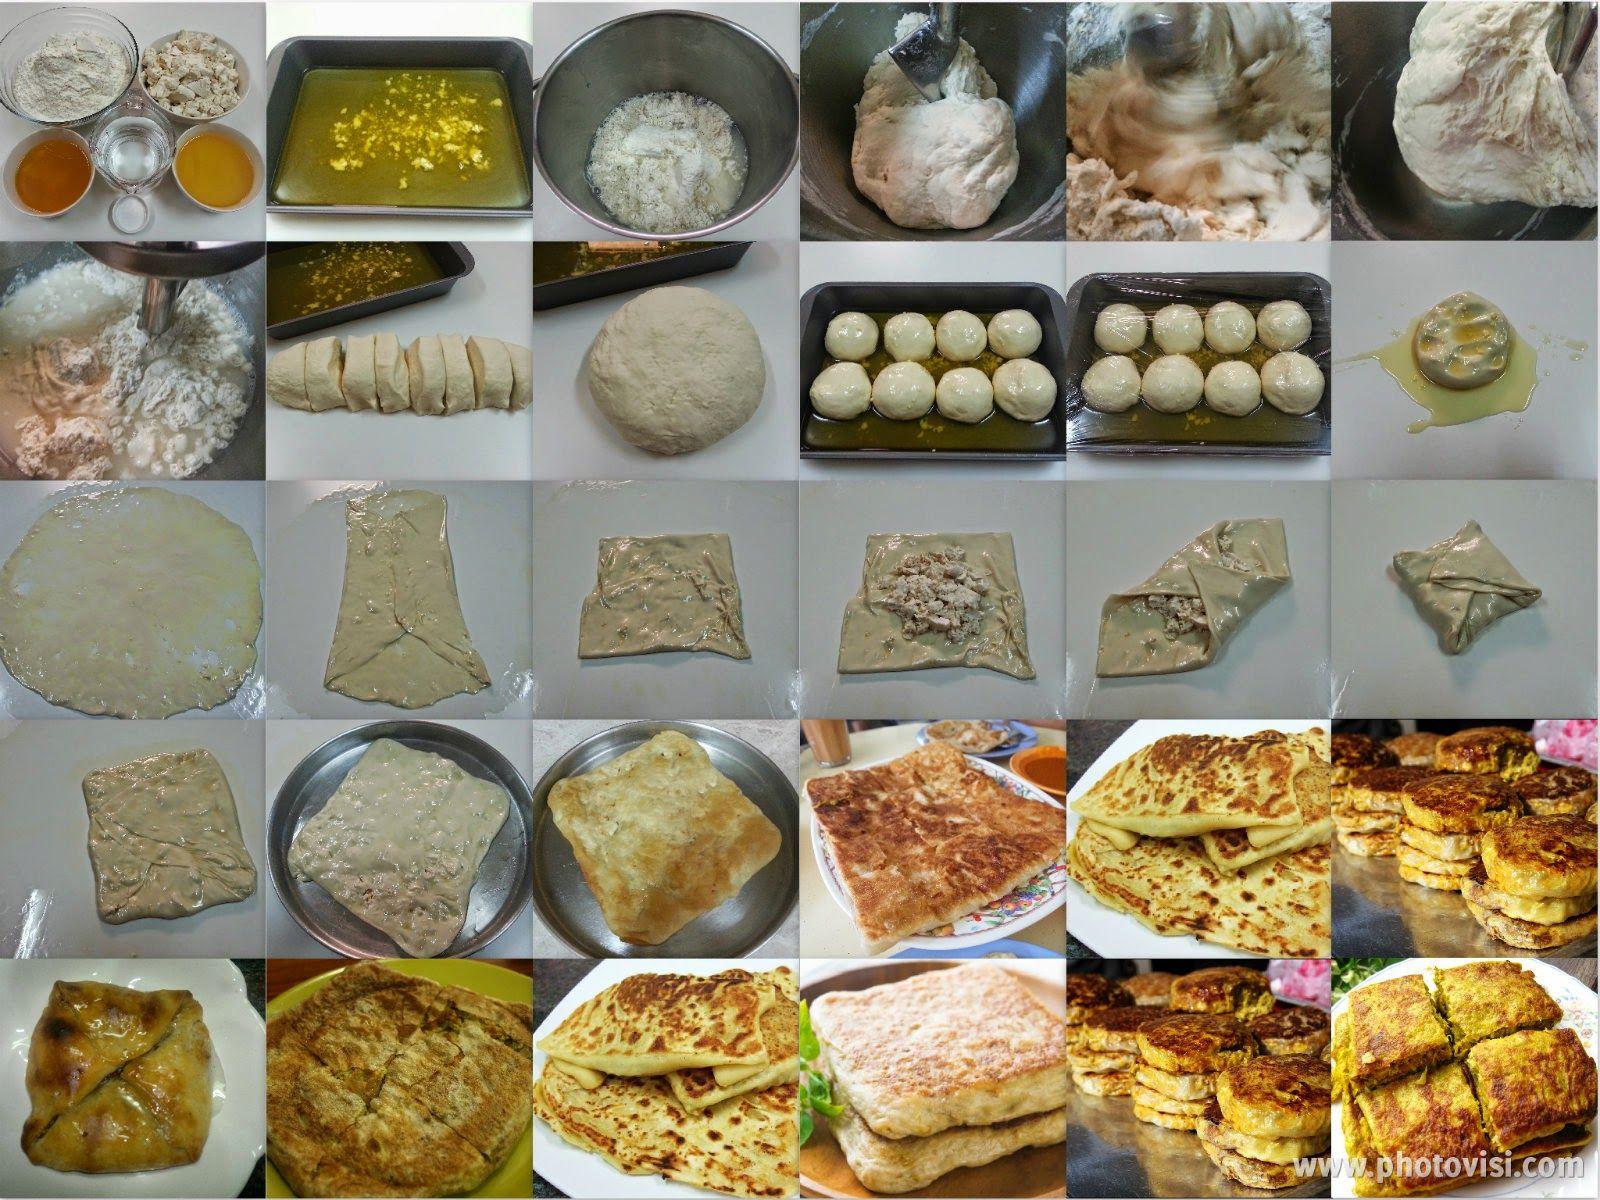 عالم الطبخ والجمال طريقة عمل المطبق الفلسطيني Sweets Recipes Palestinian Food Food